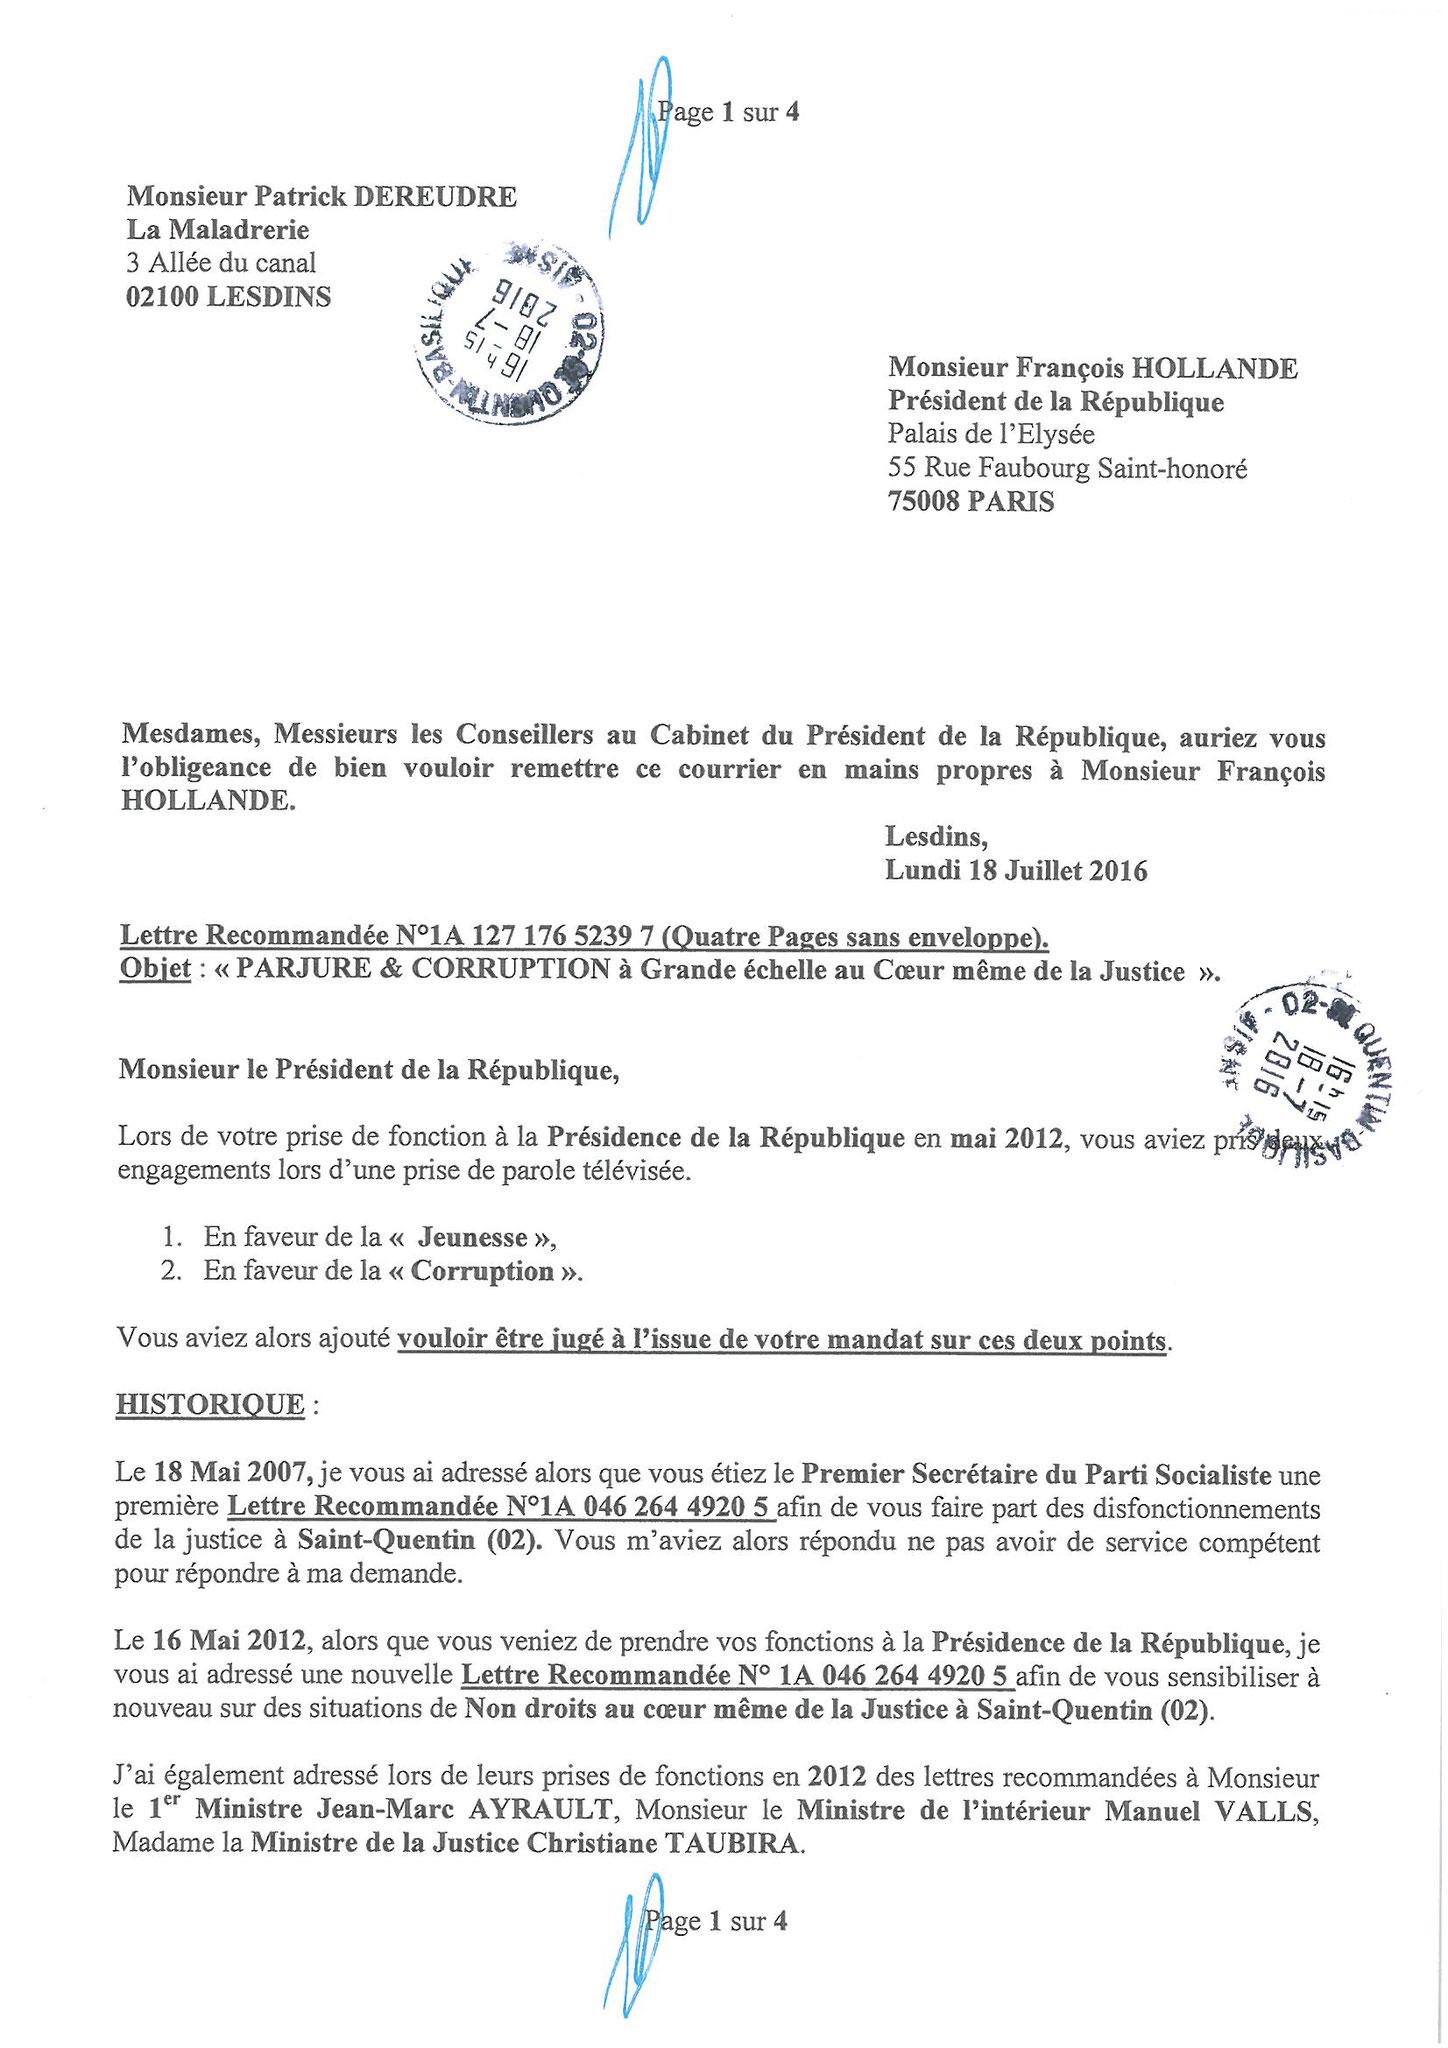 LRAR  du 18 Juillet 2016 à Monsieur François HOLLANDE Président de la République page 1 sur 4